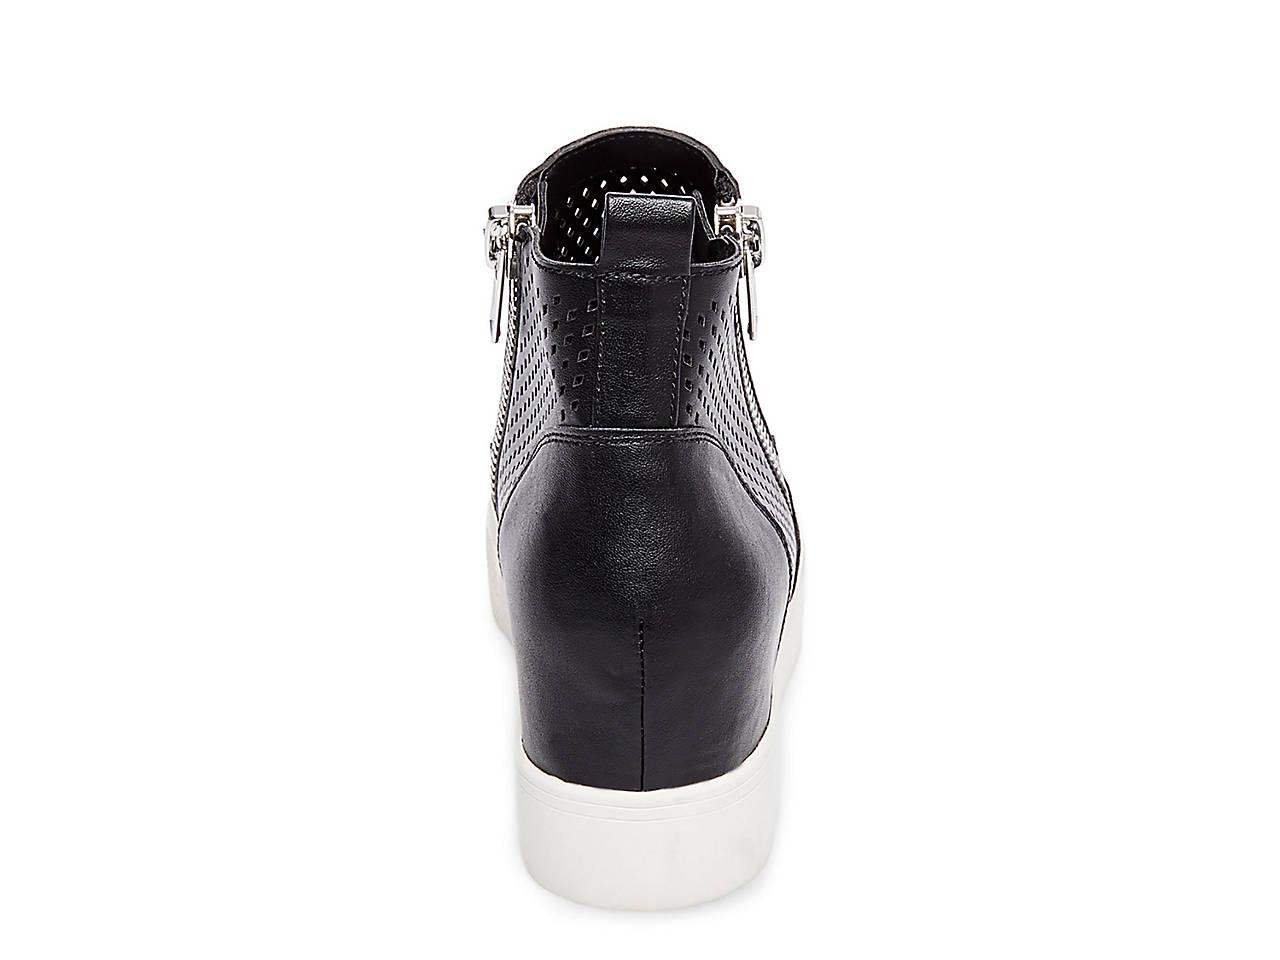 b7664012372 Wedgie High-Top Wedge Sneaker